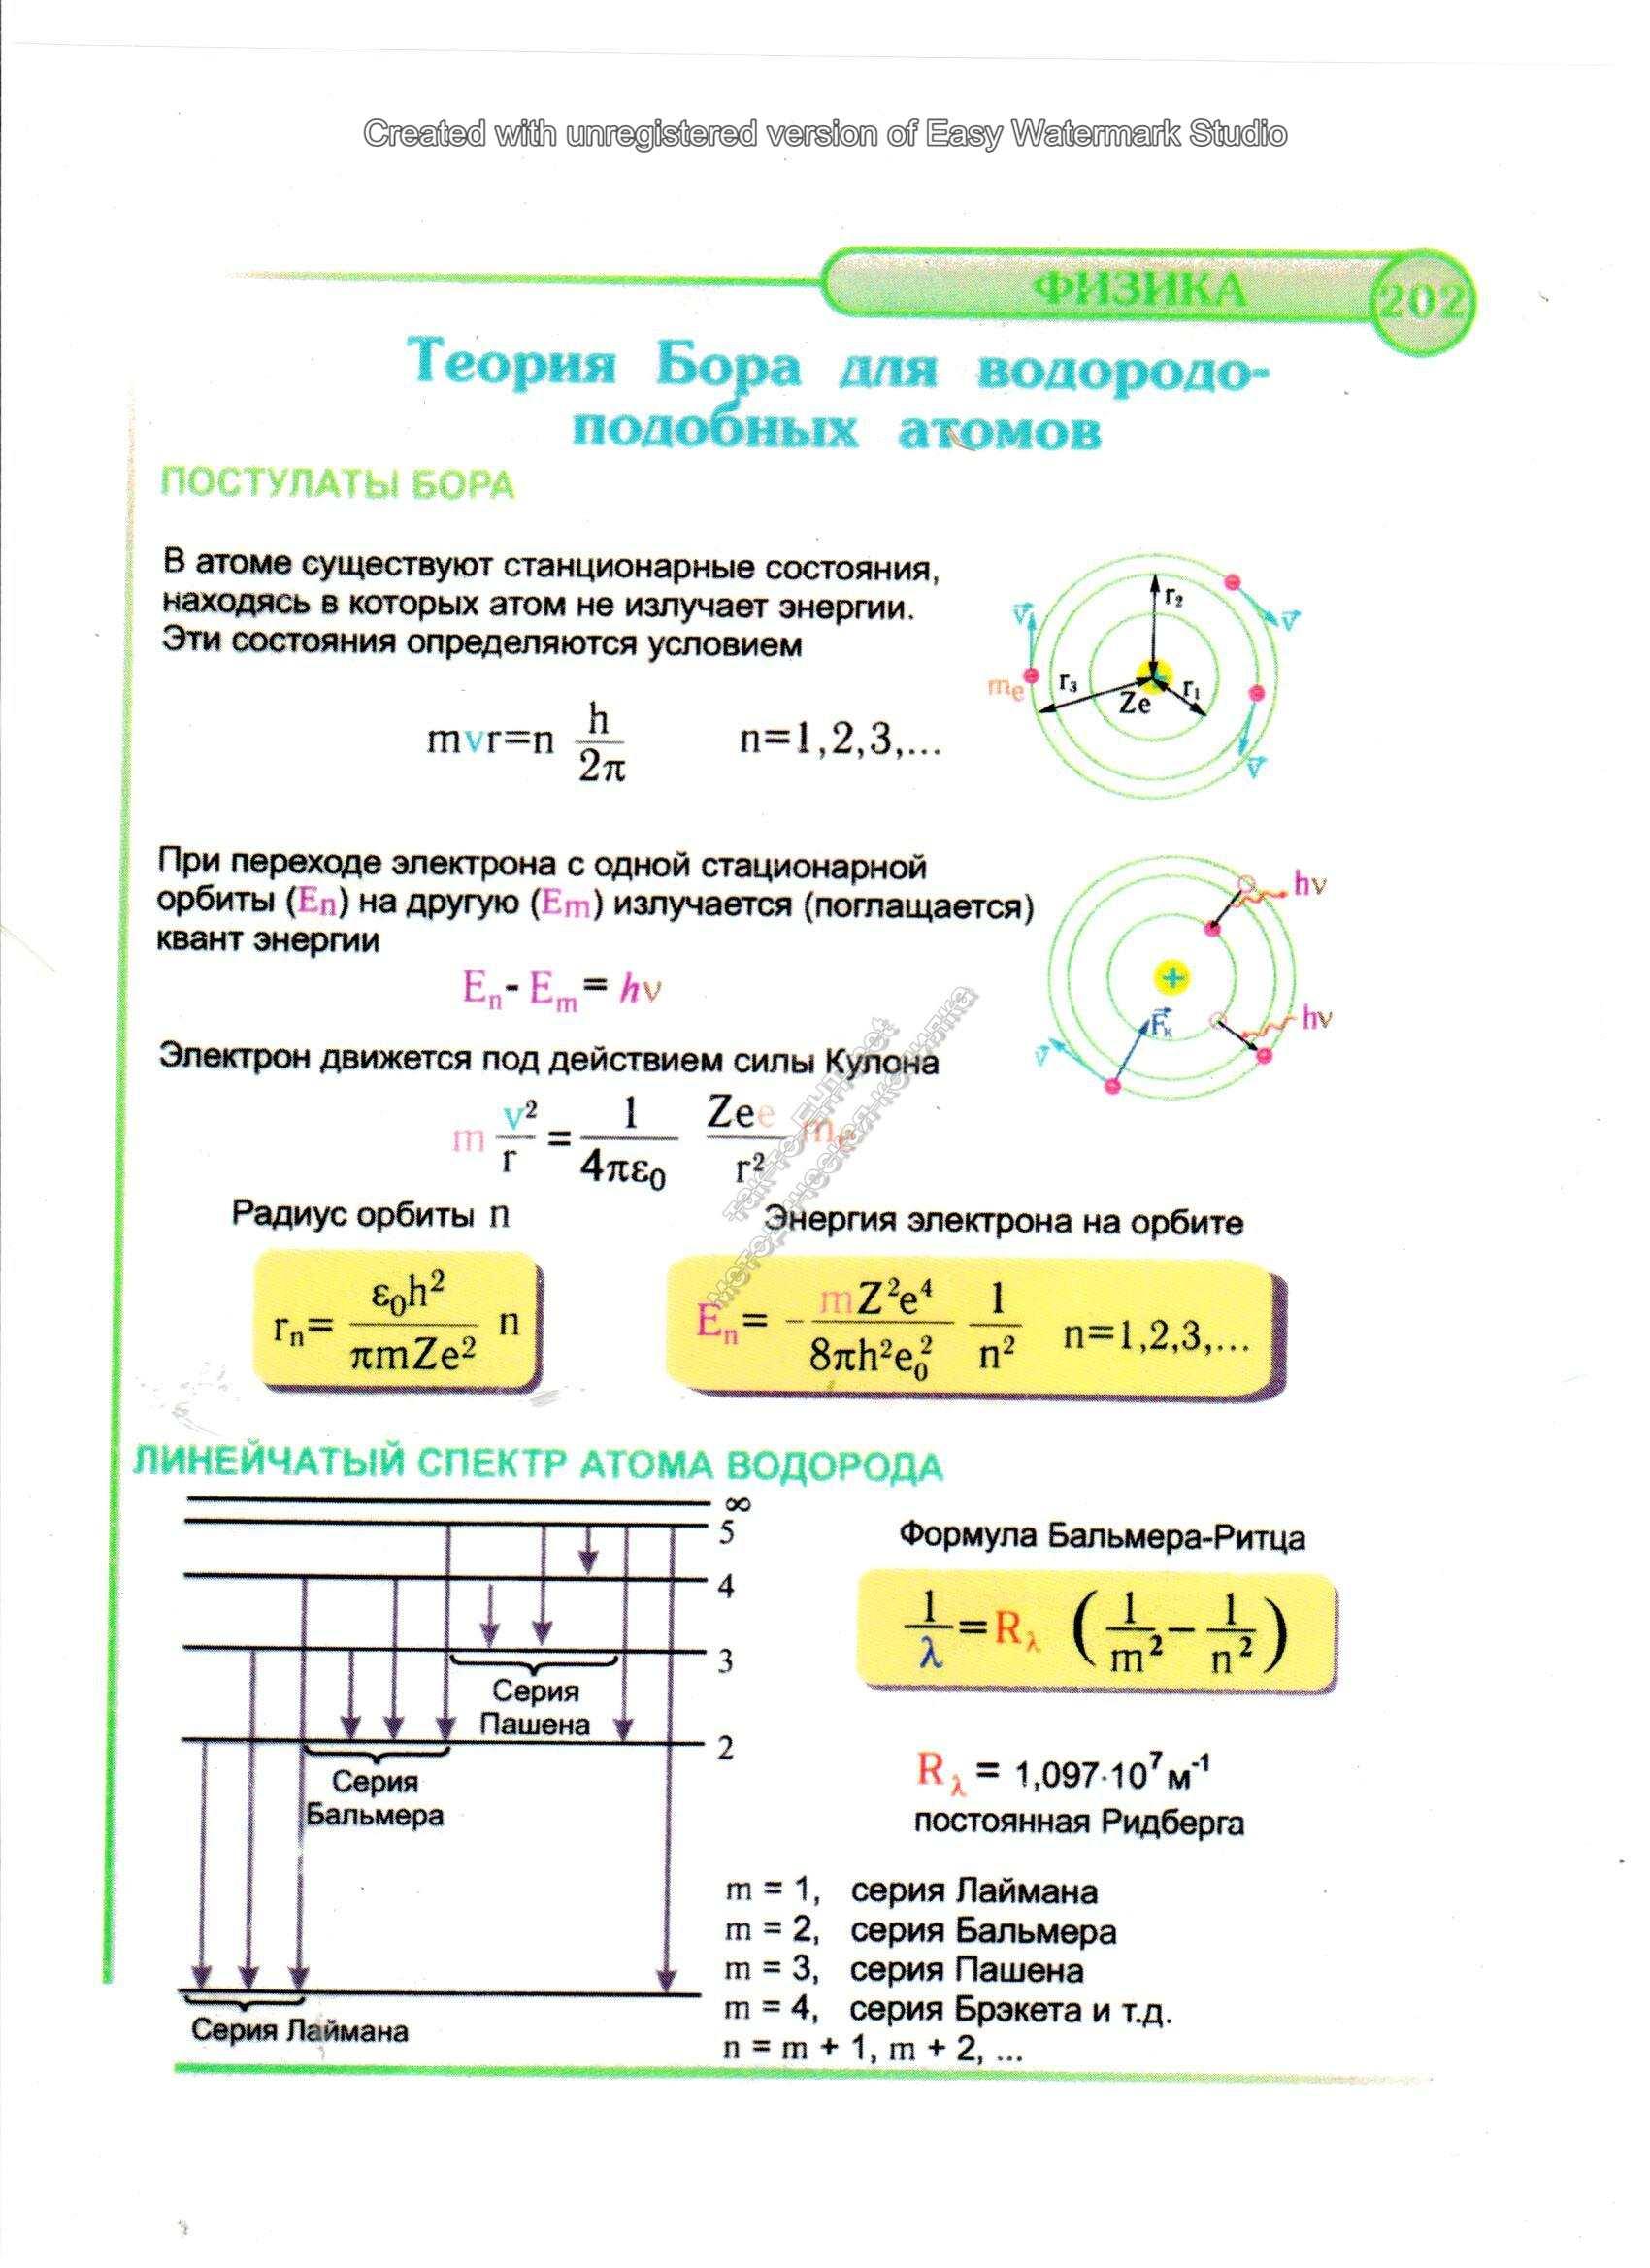 202 Теория Бора водородоподобных атомов